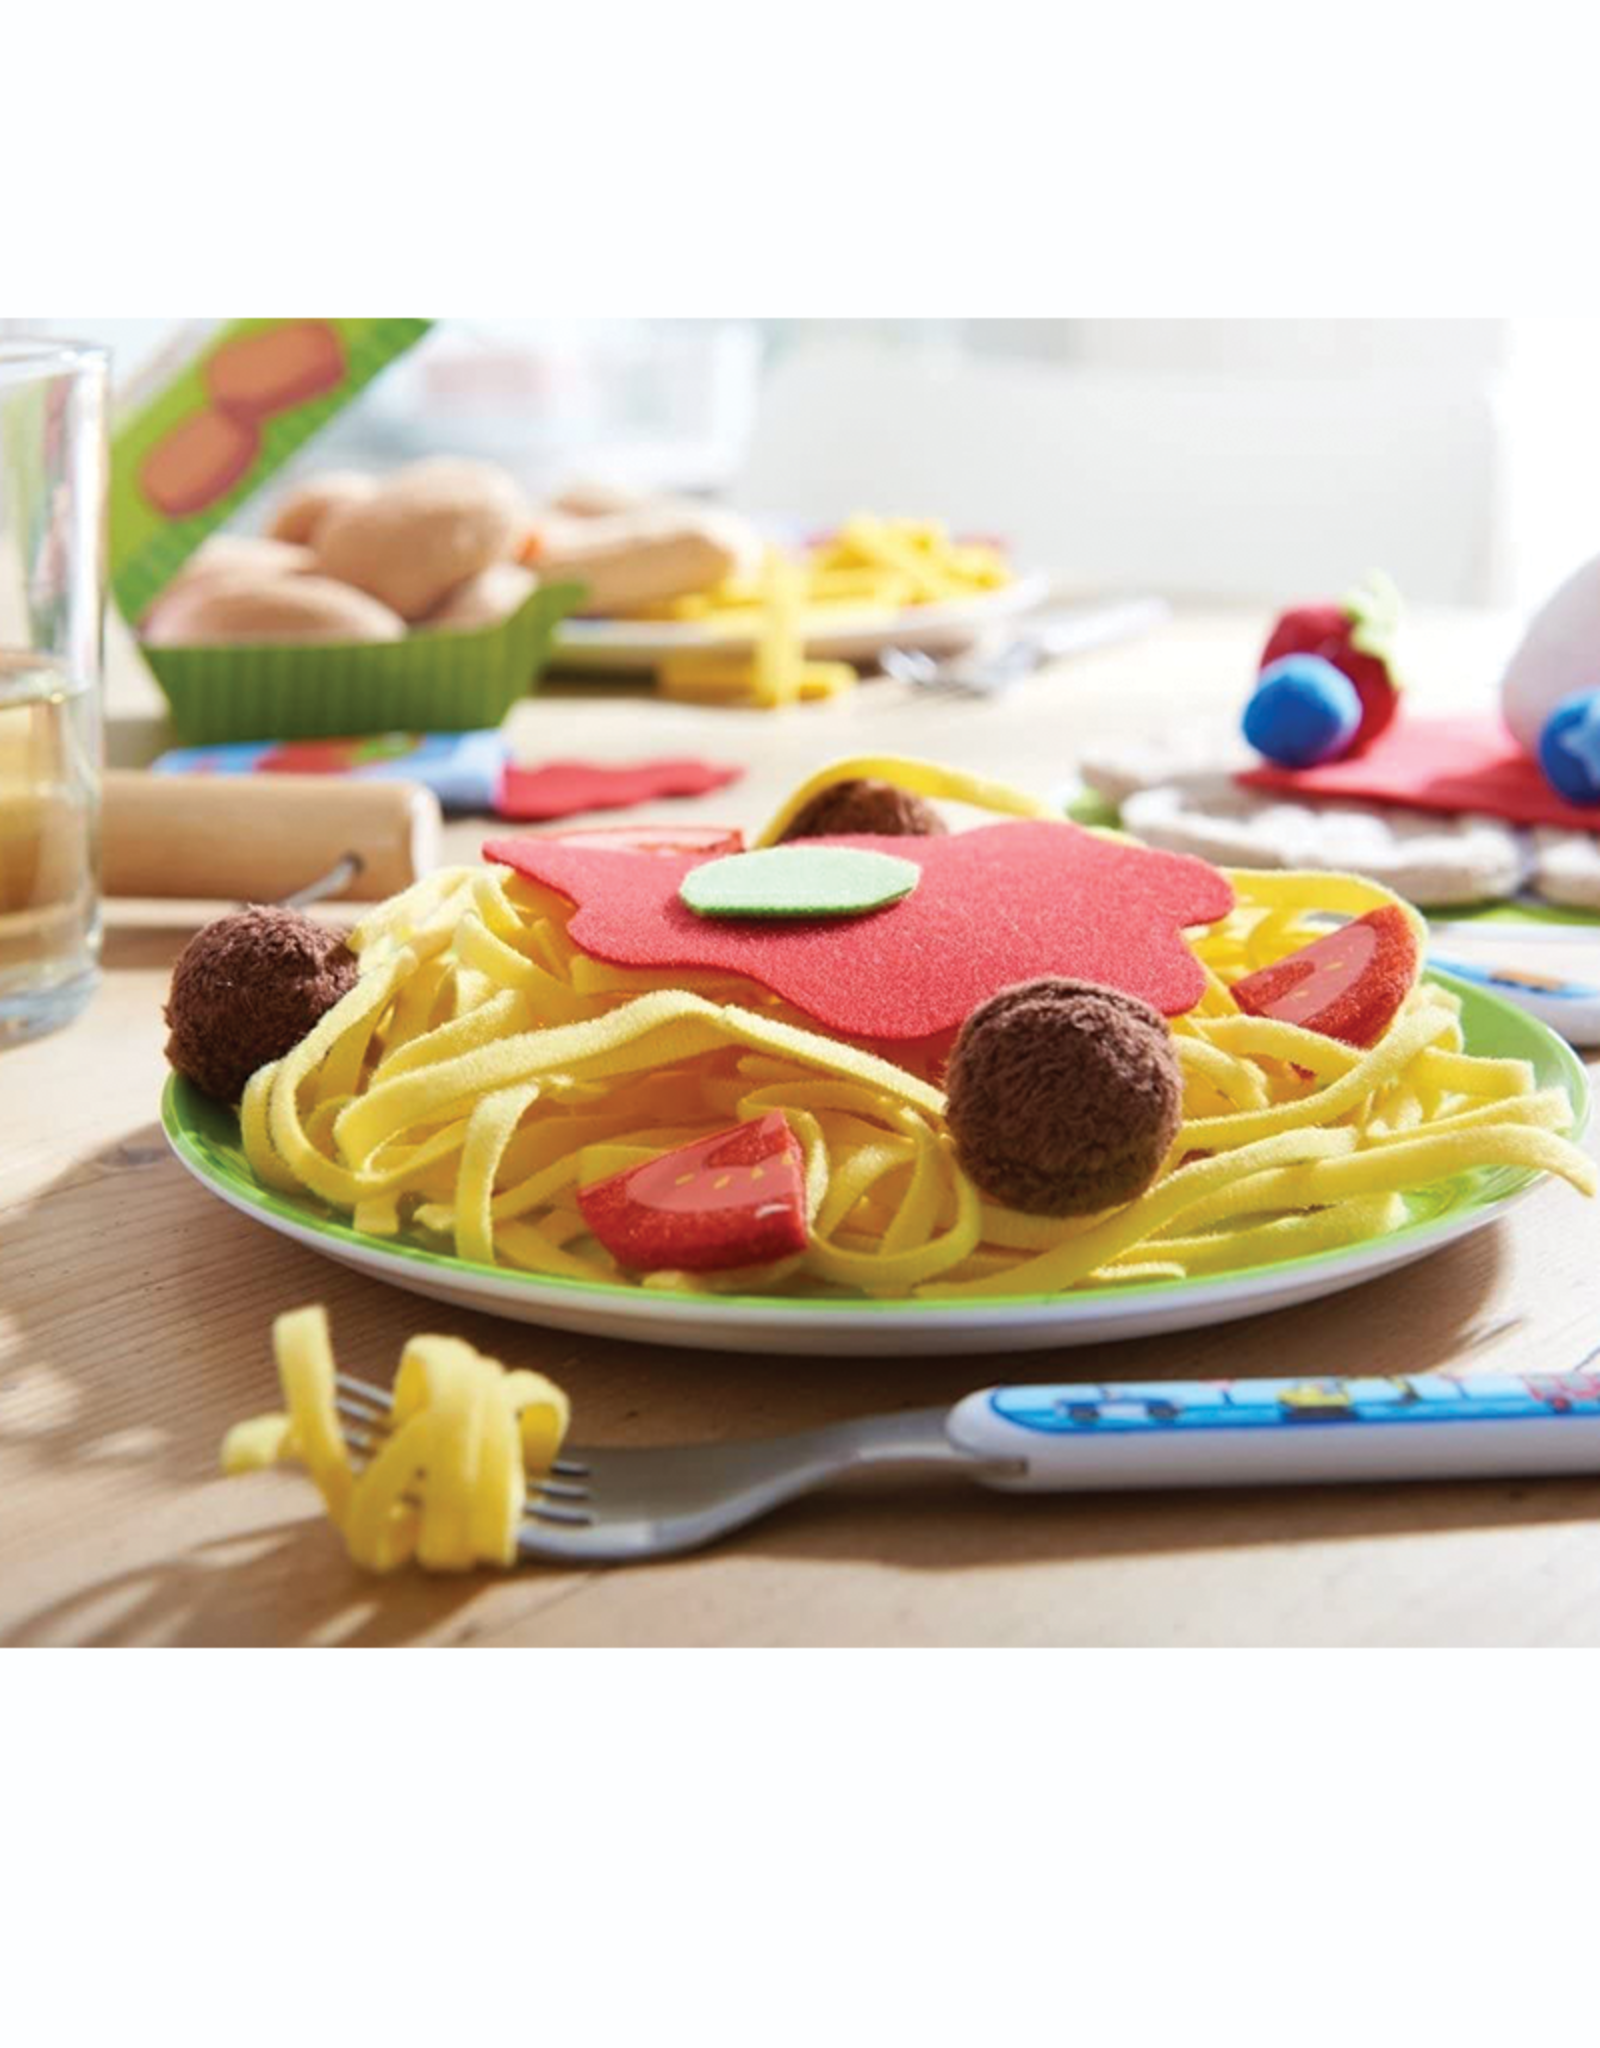 Haba Biofino Spaghetti Bolognese